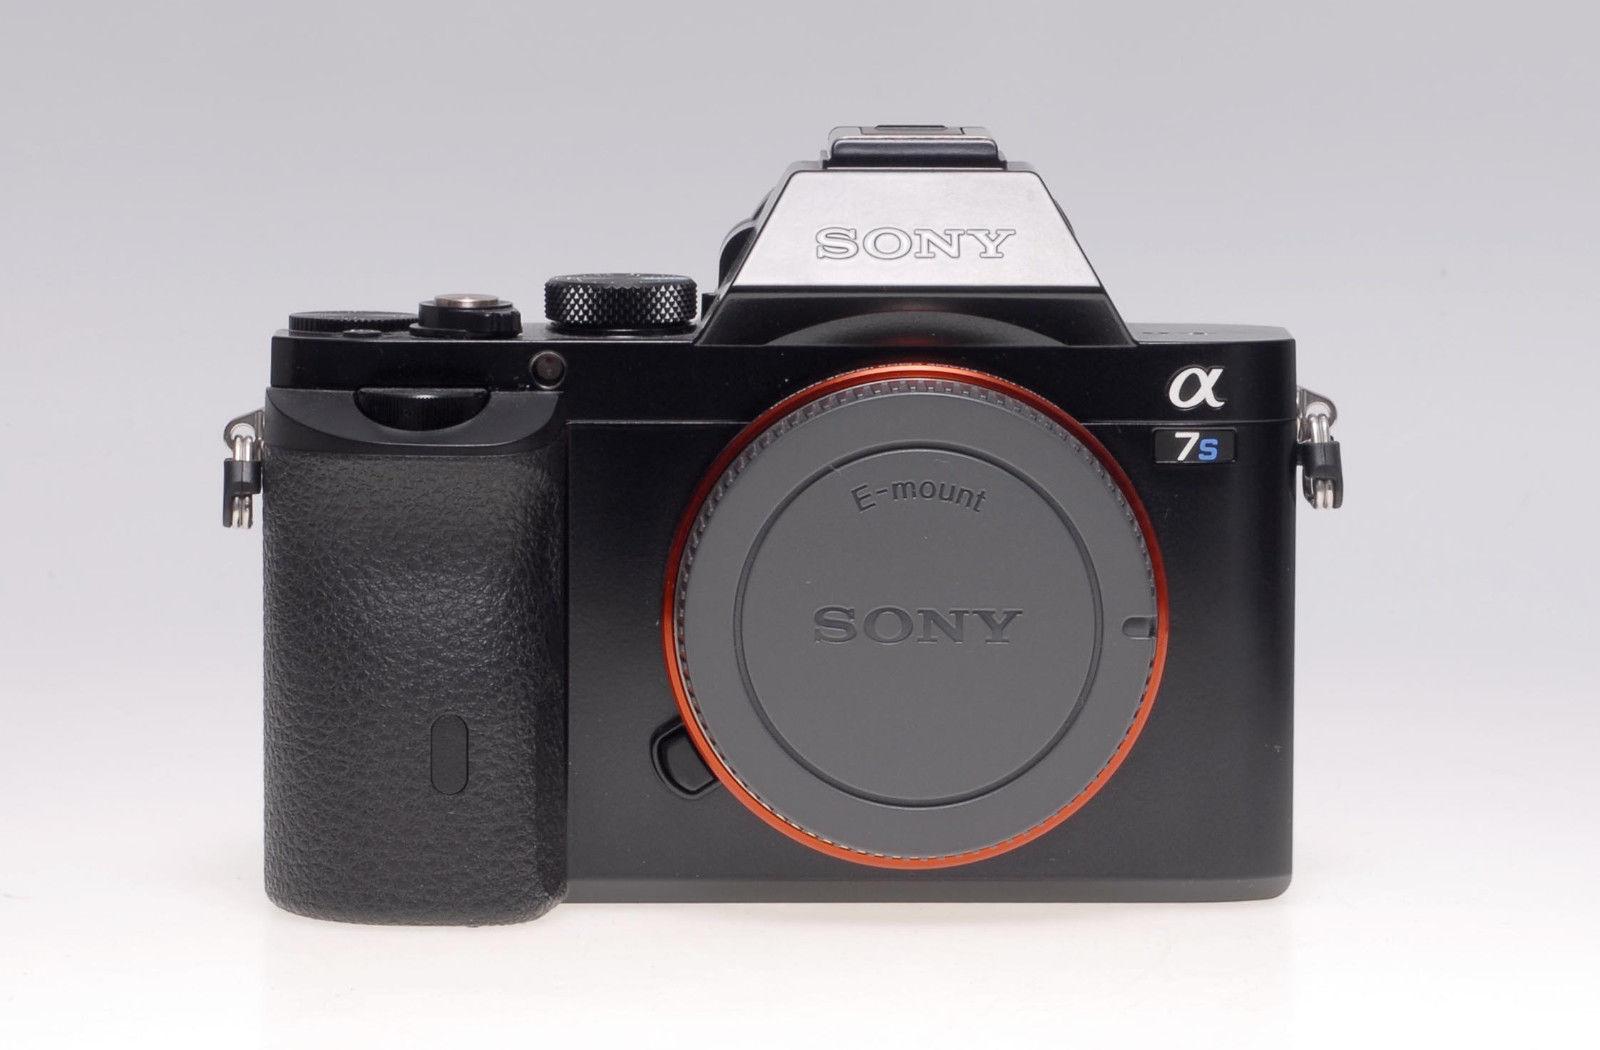 Sony Alpha ILCE-7S 12.2 MP Digitalkamera - Schwarz (Nur Gehäuse) - Vorführstück